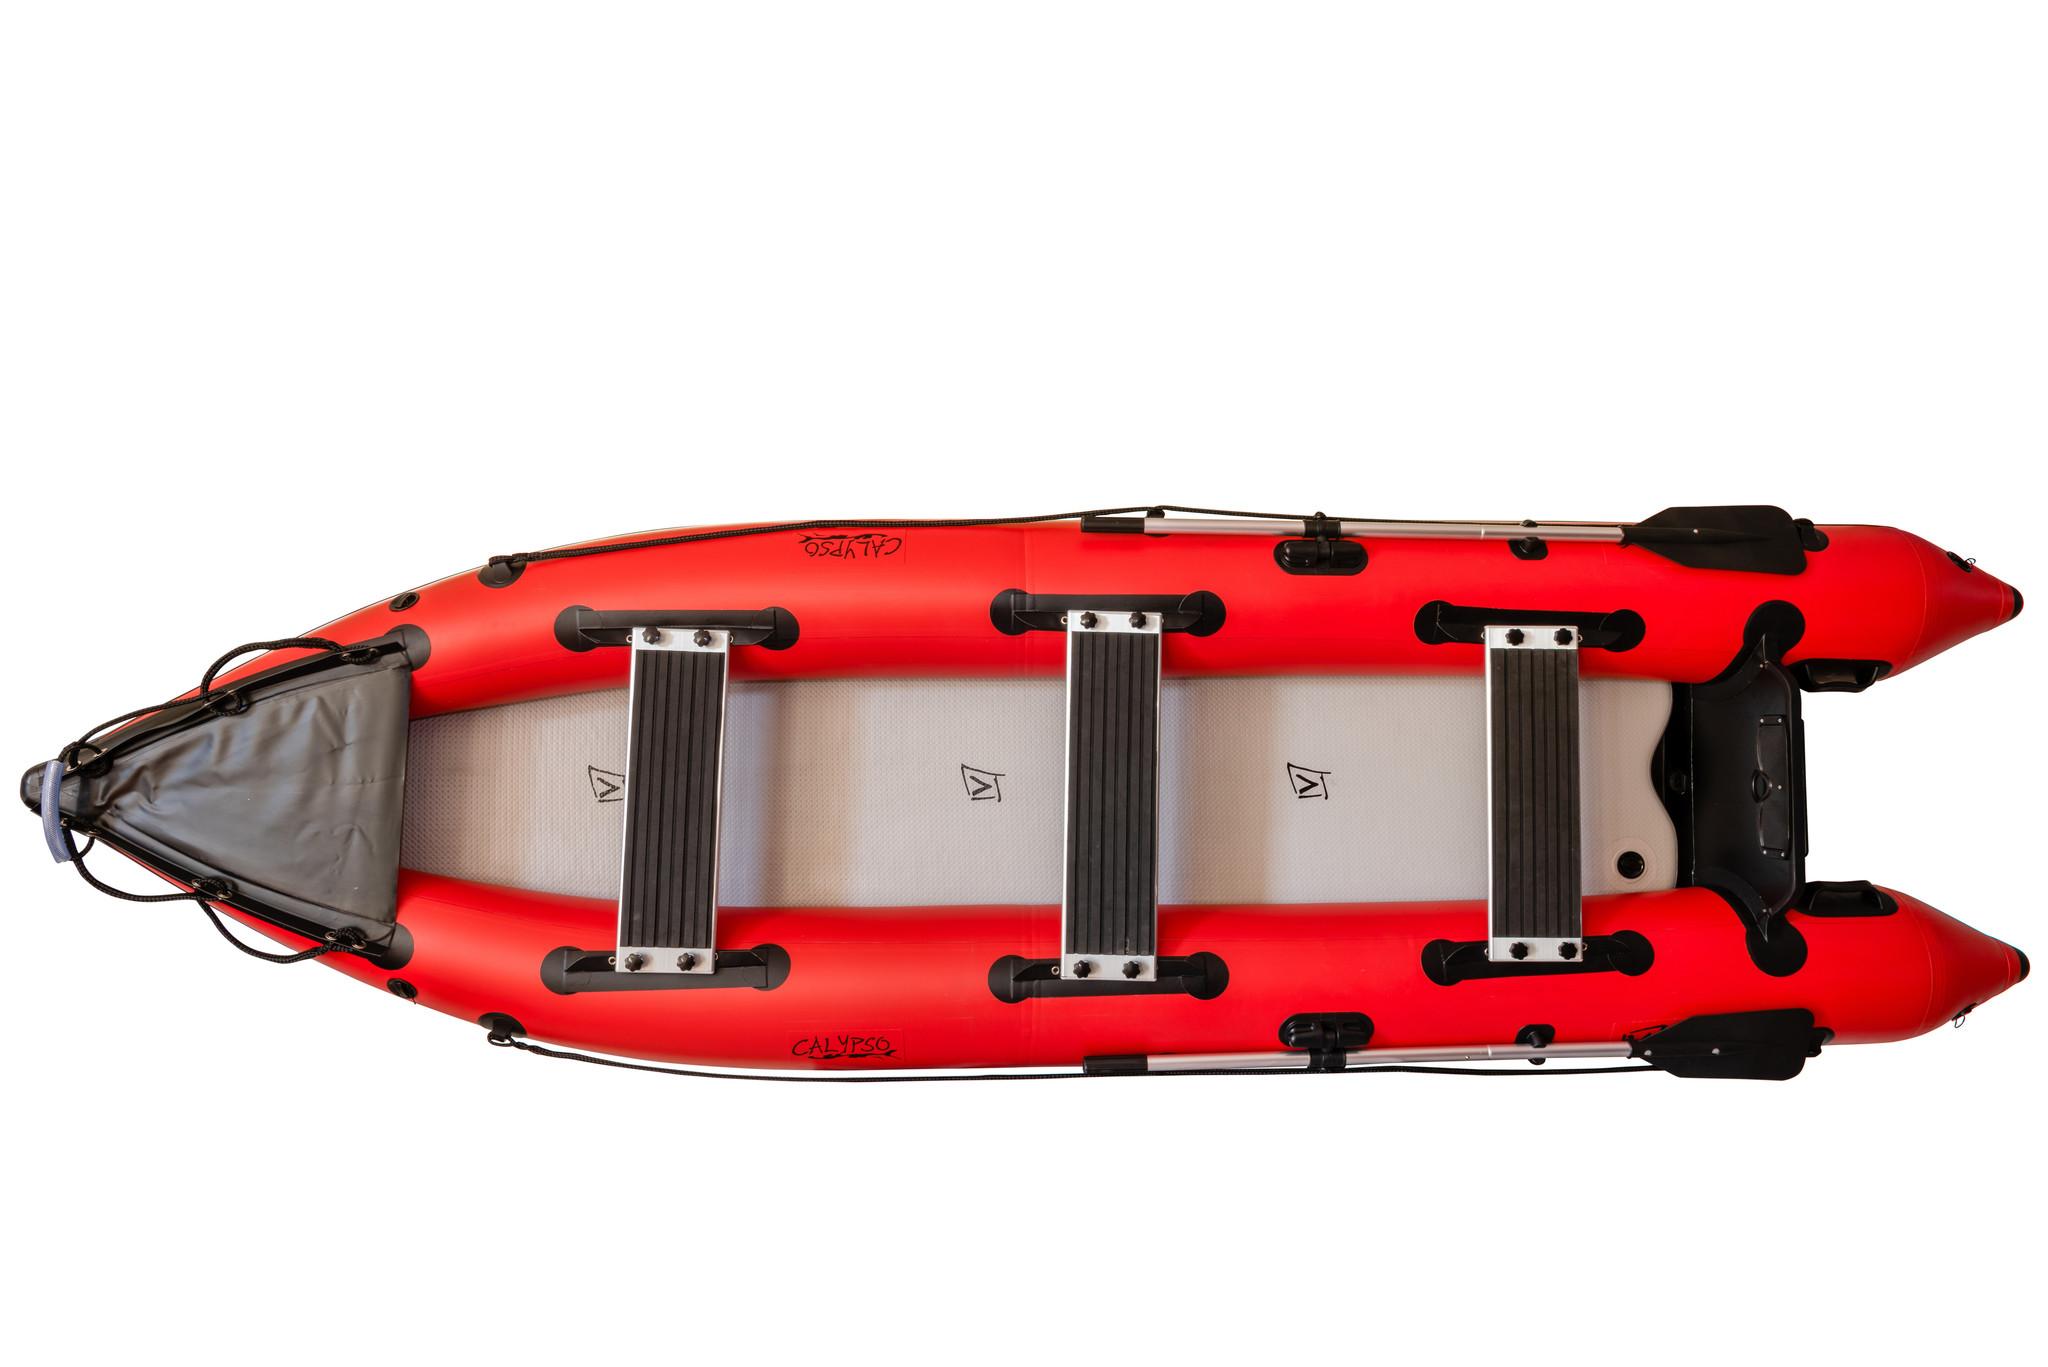 Verano Verano Calypso Inflatable Boat